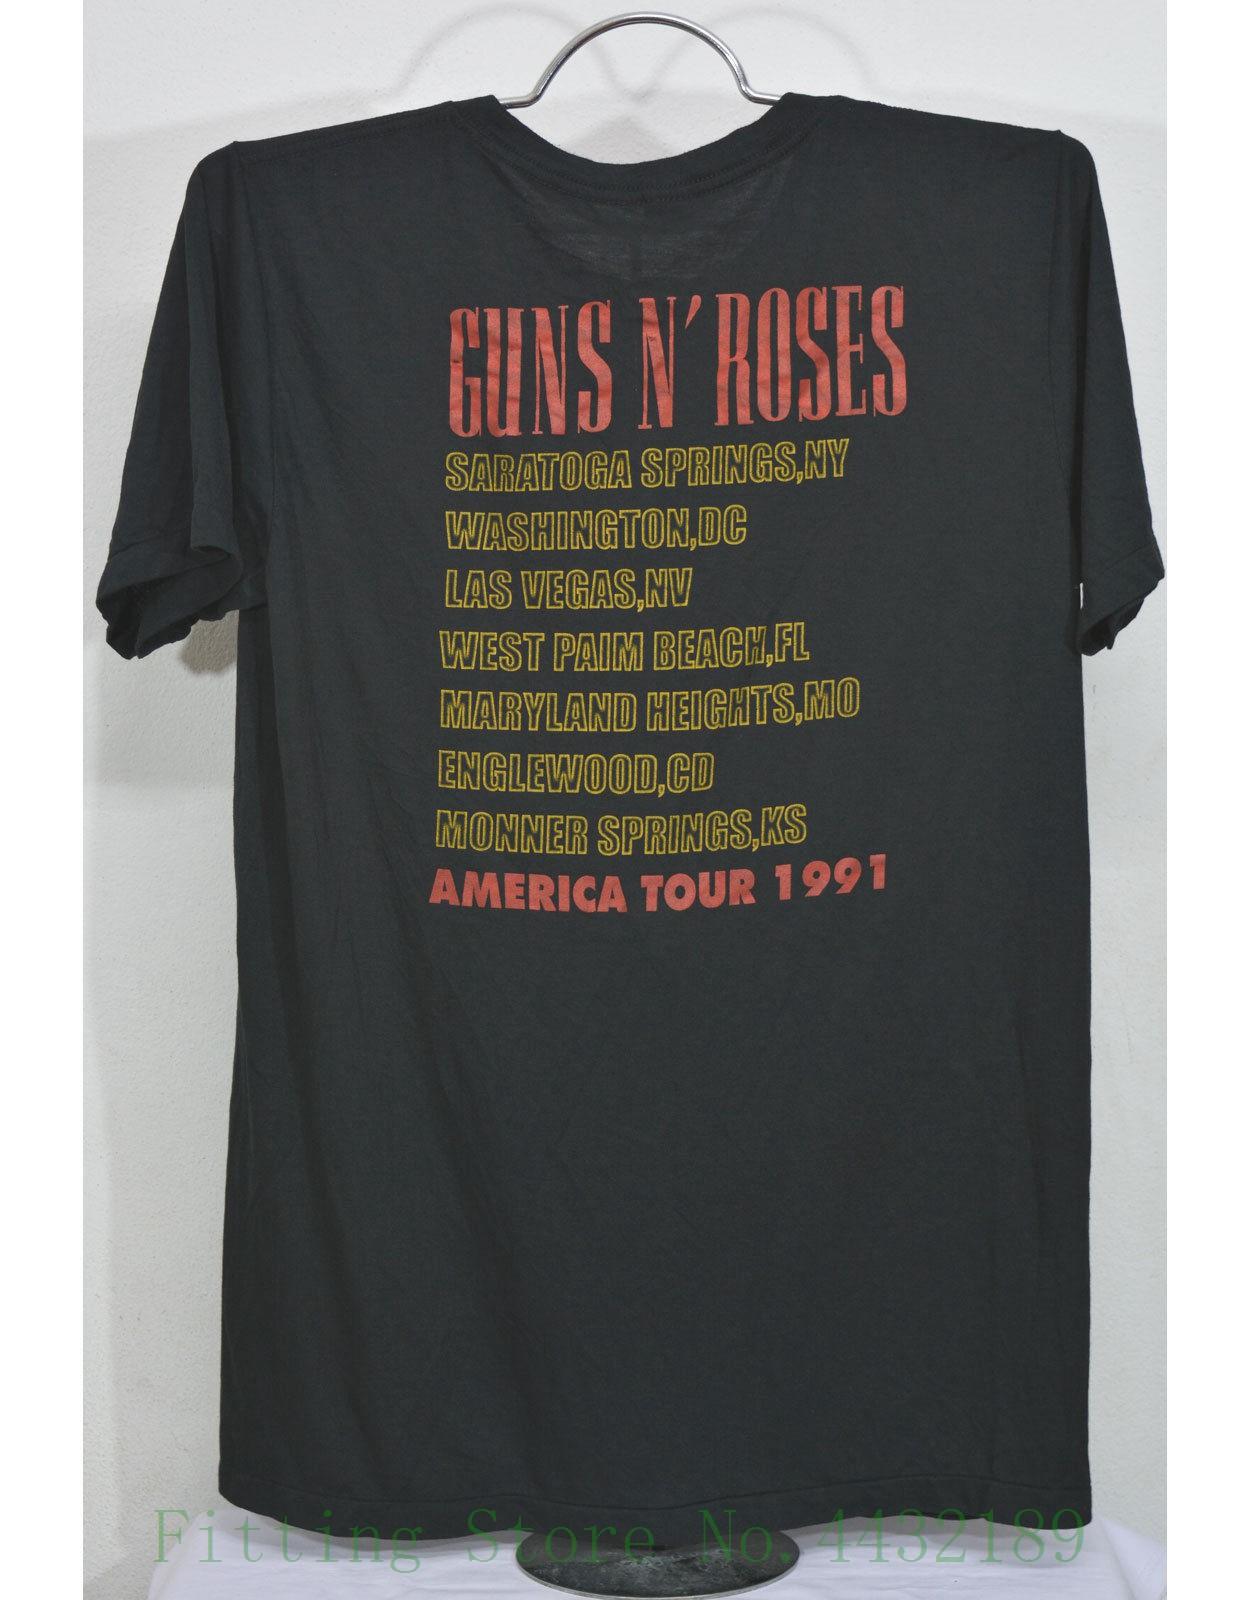 3fc401e0 Men's Guns N Roses Skull T Shirt Punk Rock Band Vintage Black Unisex New  Size L Men And Woman T Shirt Free Shipping